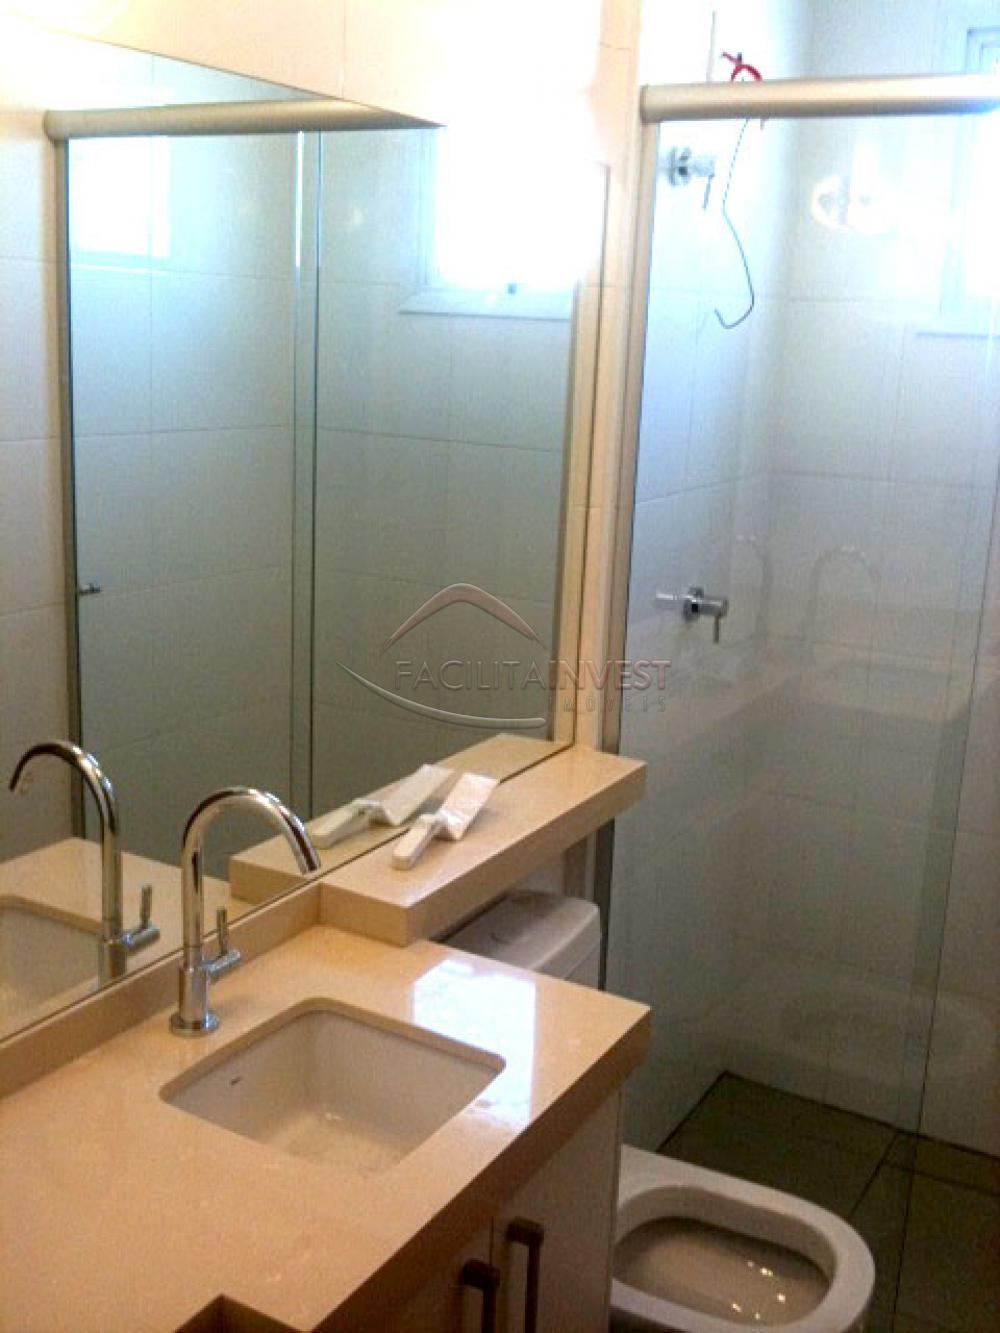 Alugar Apartamentos / Apart. Padrão em Ribeirão Preto apenas R$ 1.700,00 - Foto 14